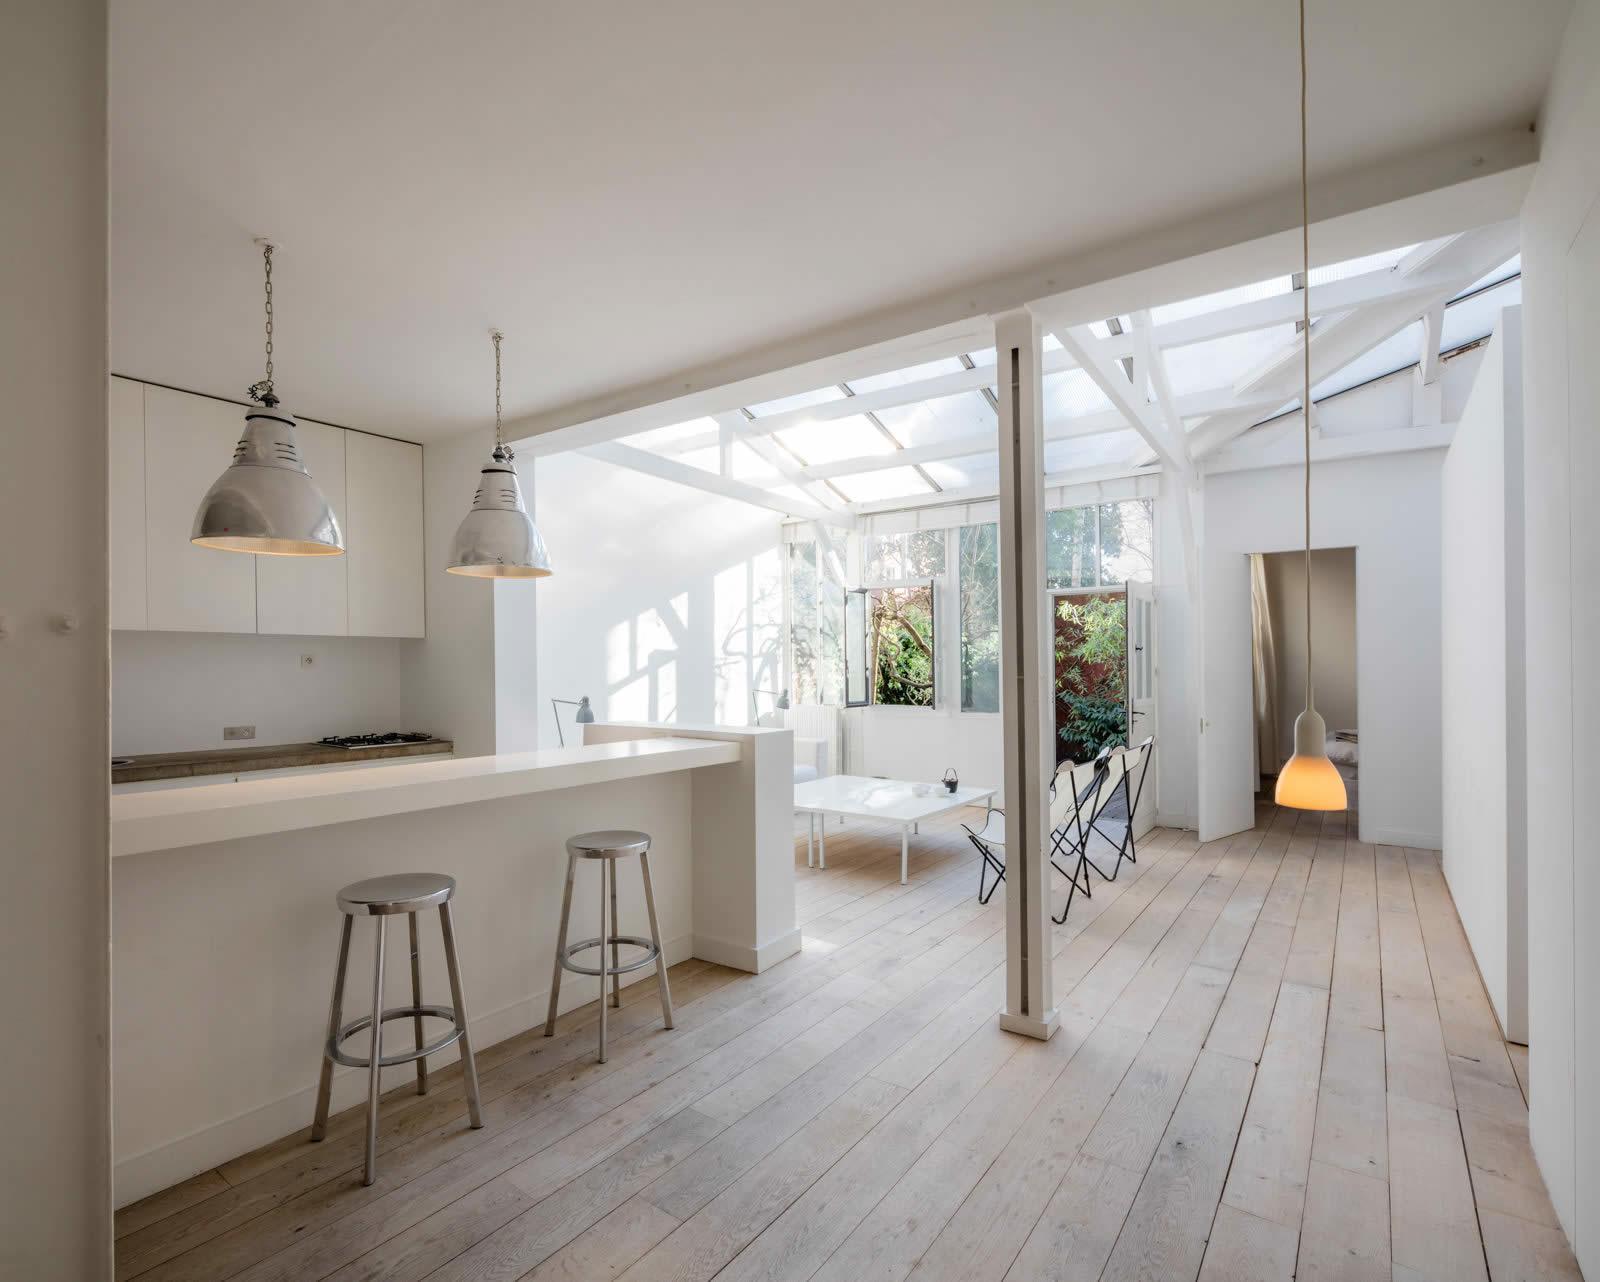 maison-contemporaine-a-vendre-cheminee-terrasse-jardin